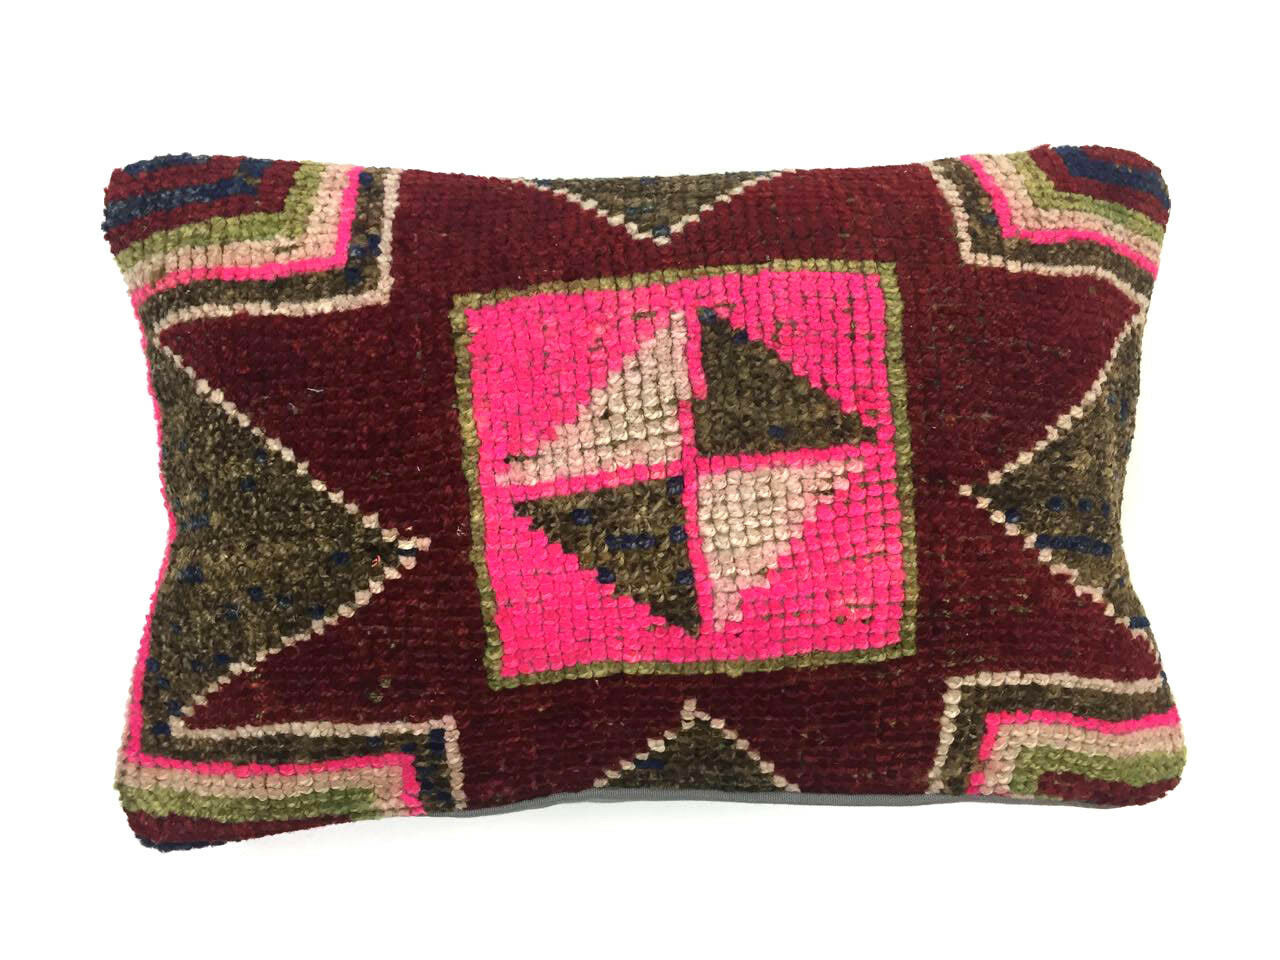 Fait Main Tapis Coussin Couverture Tapis Oreiller 40 cm turc persan marocain 64189